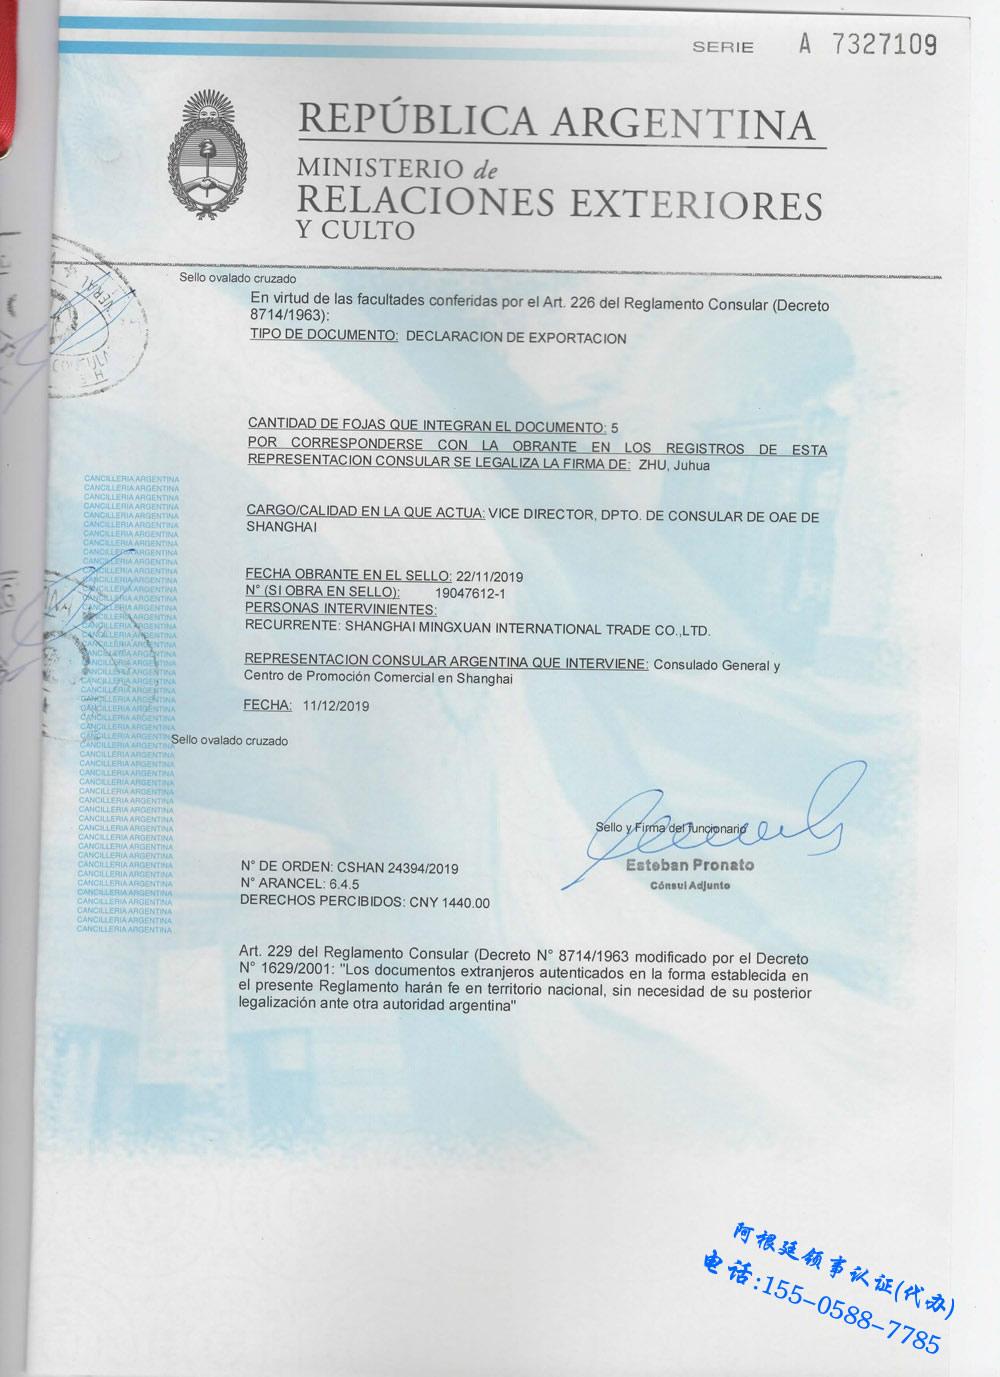 阿根廷领事认证2